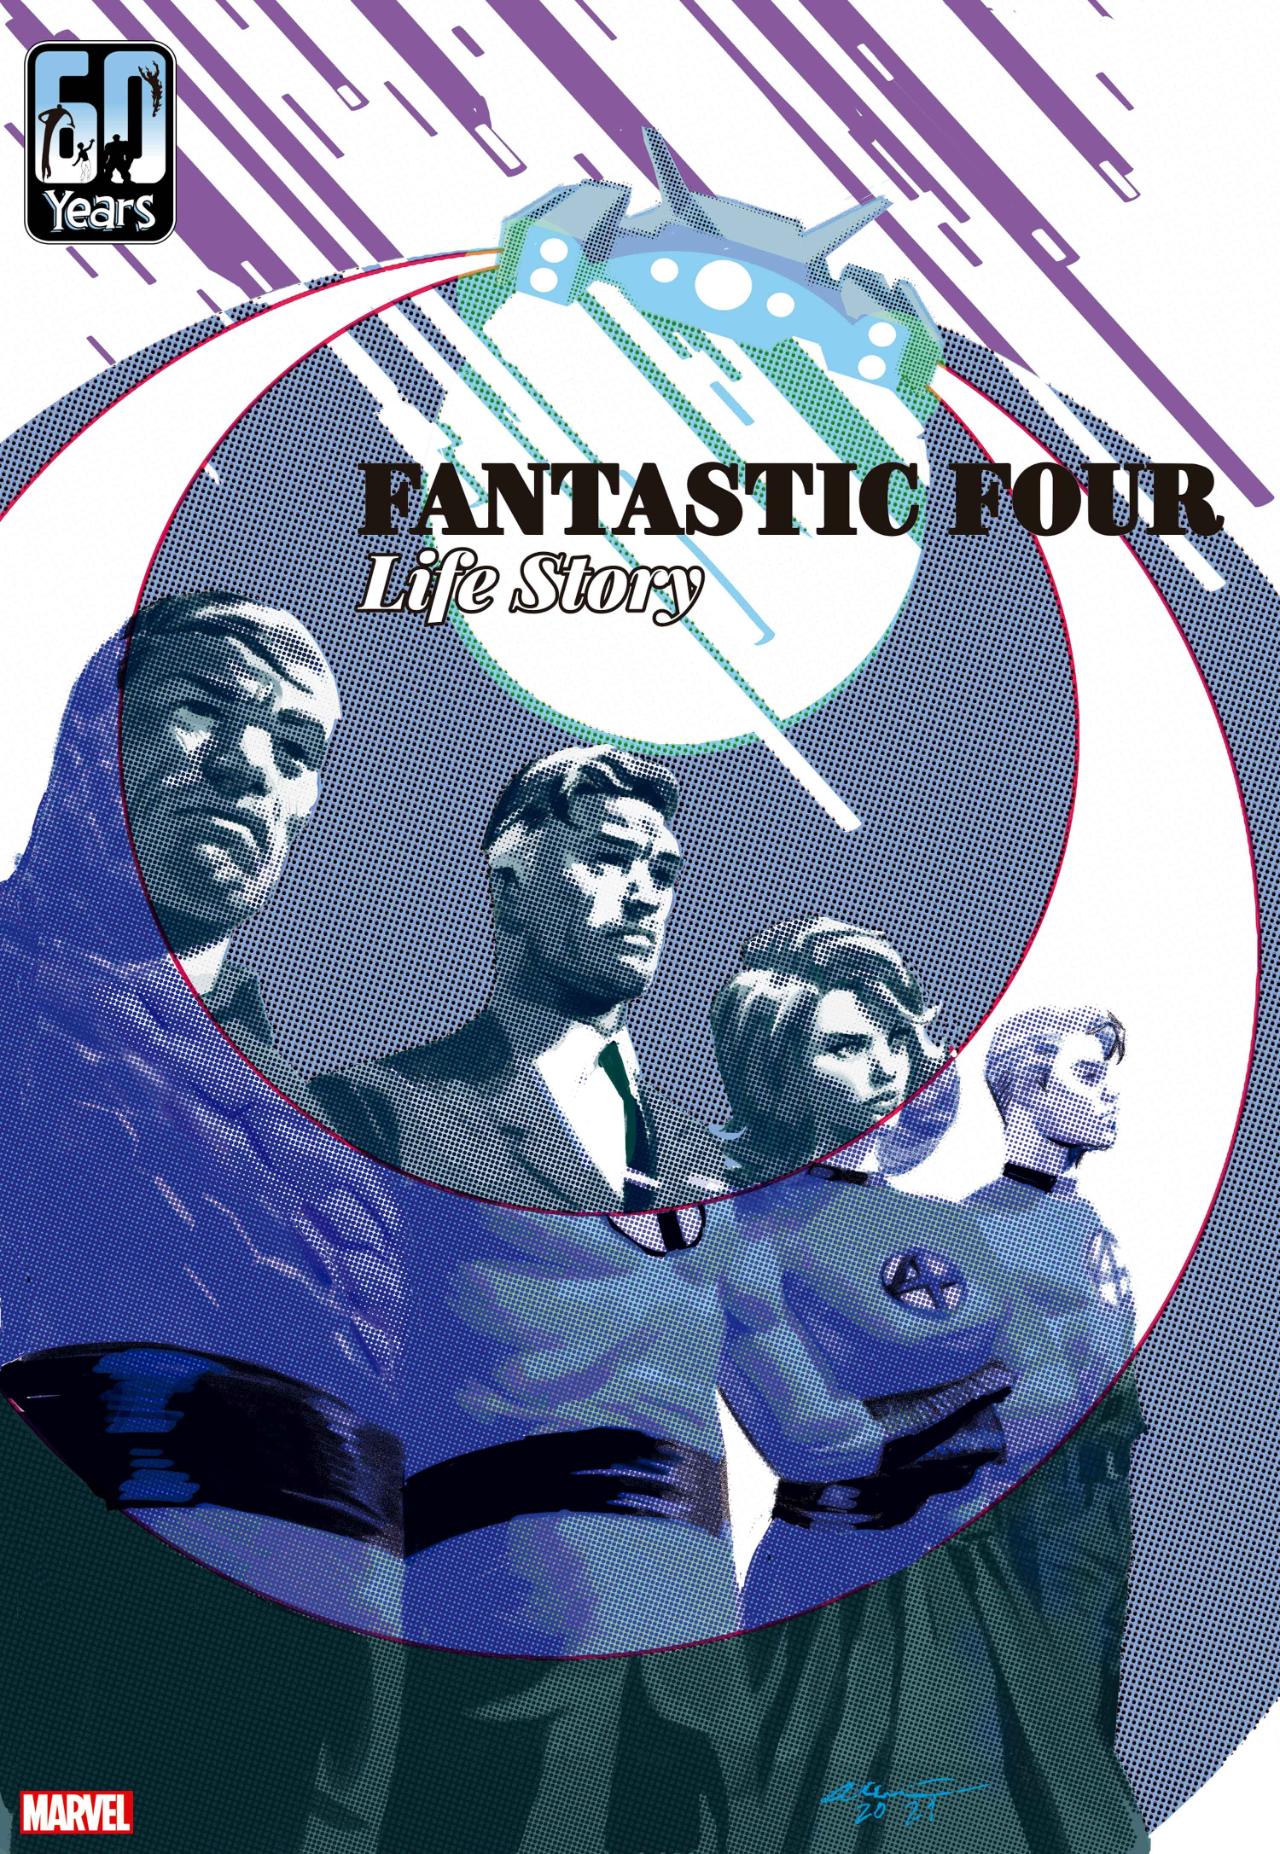 Los cuatro fantásticos: historia de vida n. ° 1